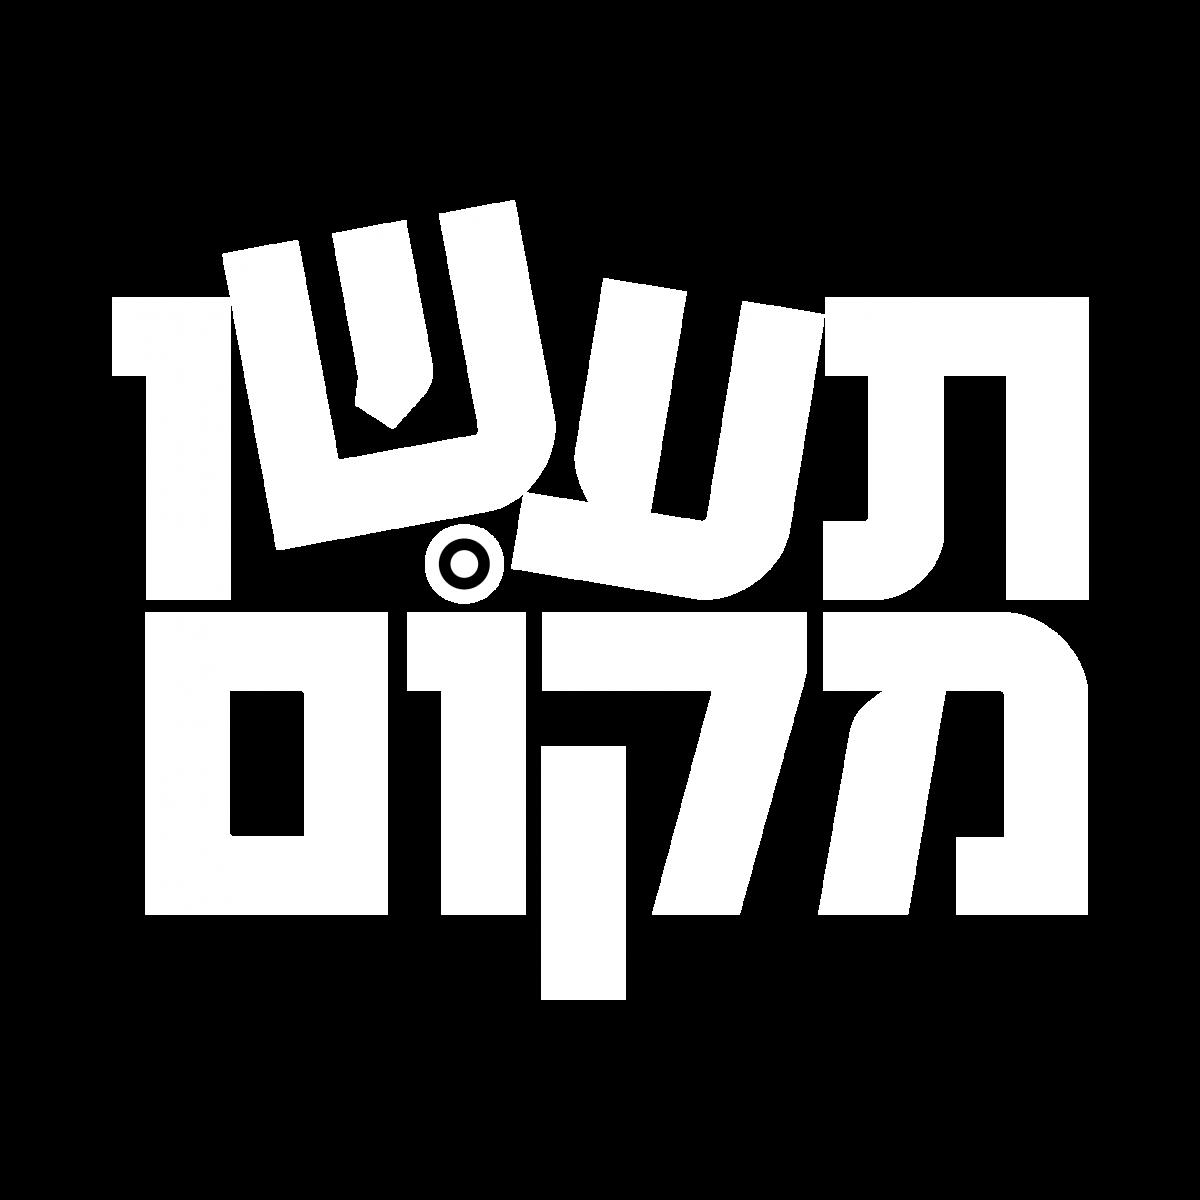 תעשו מקום | פלייסמייקינג ירושלמי